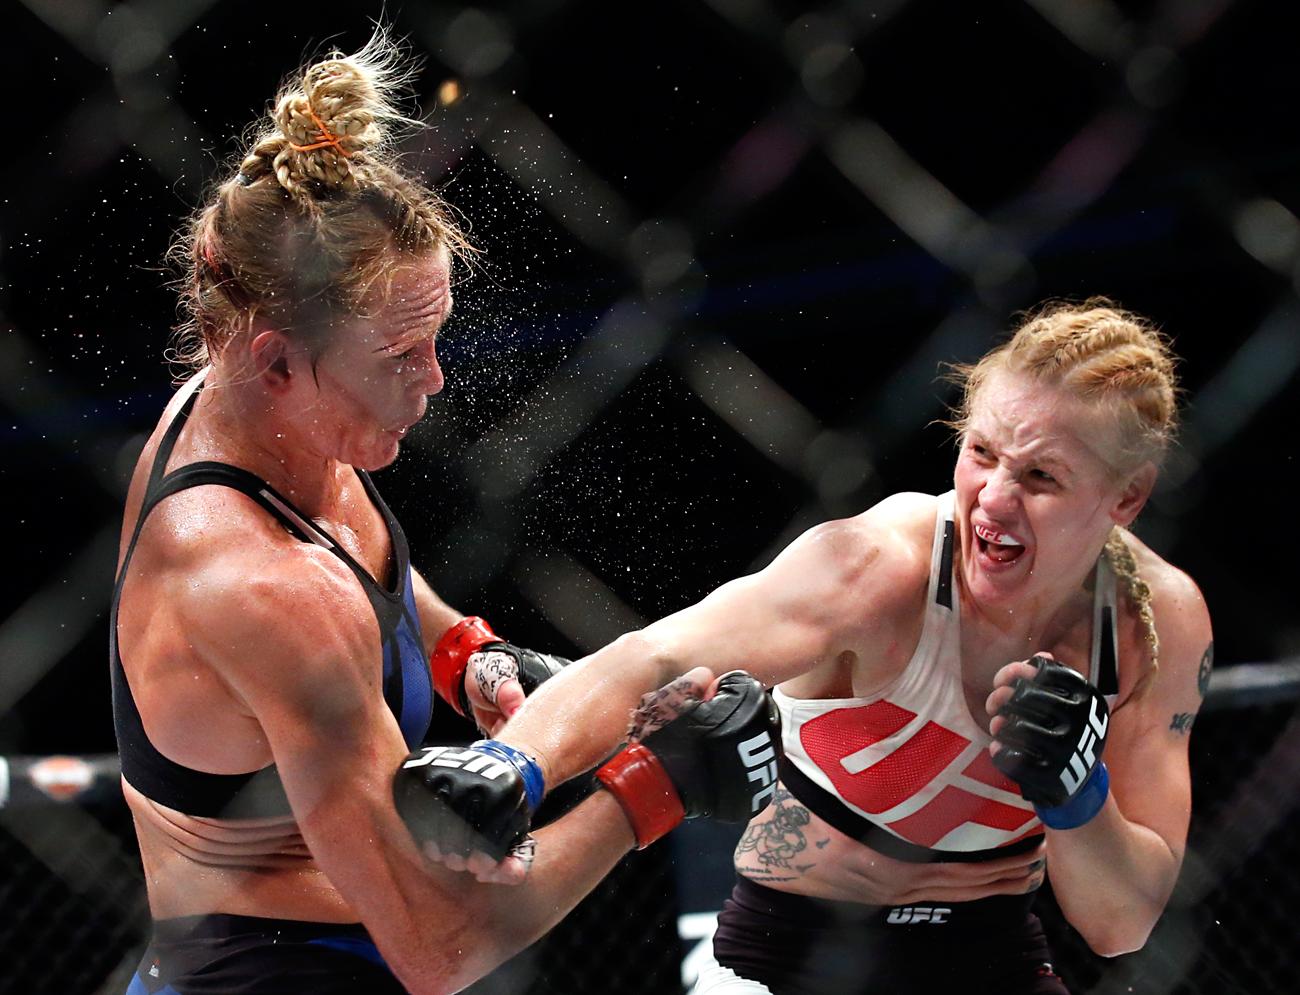 La pelea entre Valentina Shevchenko (a la derecha) y Holly Holm.